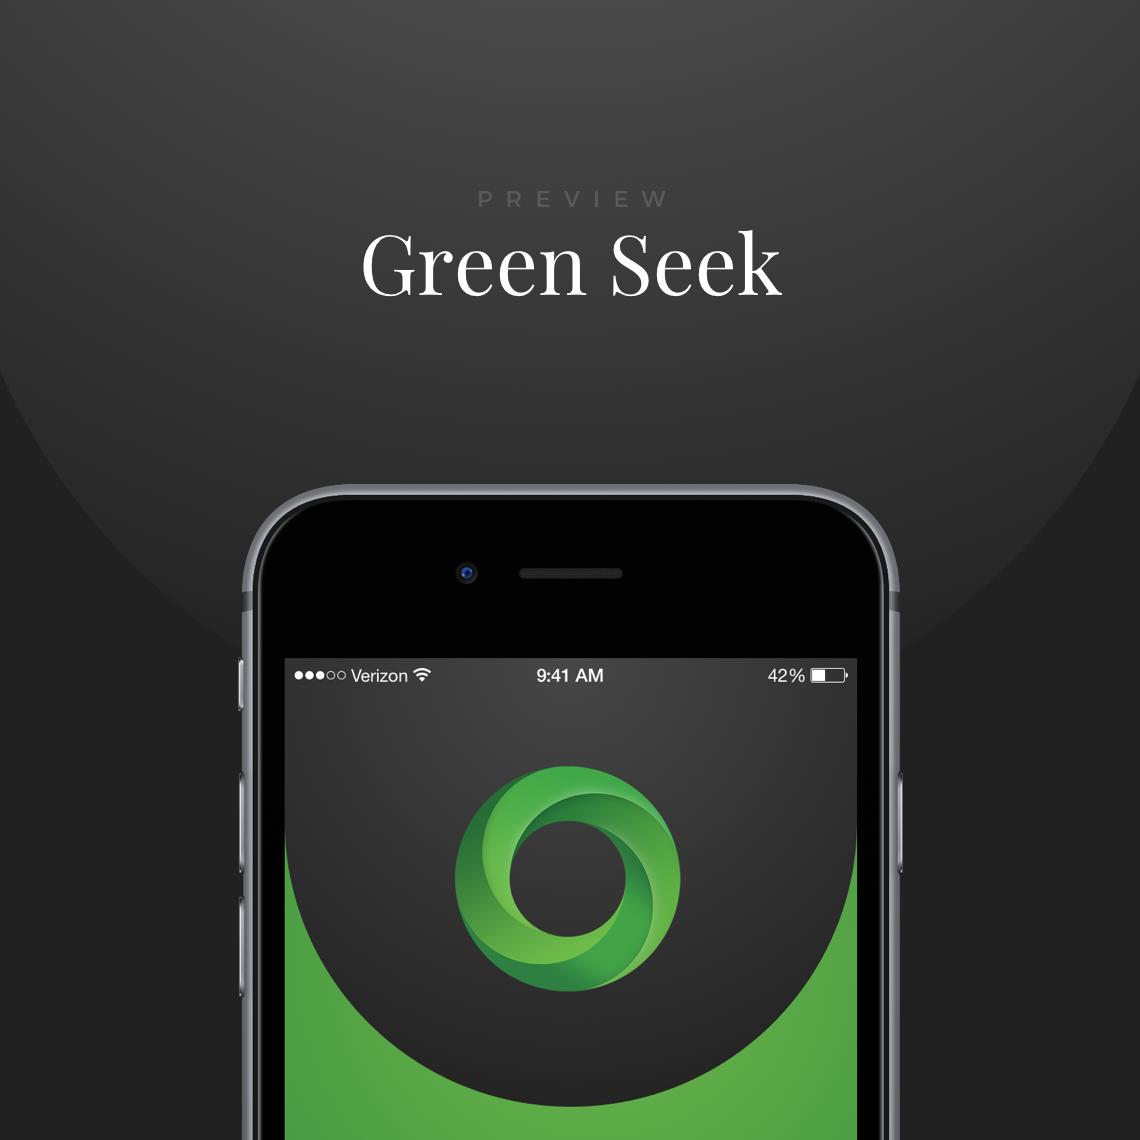 Green Seek